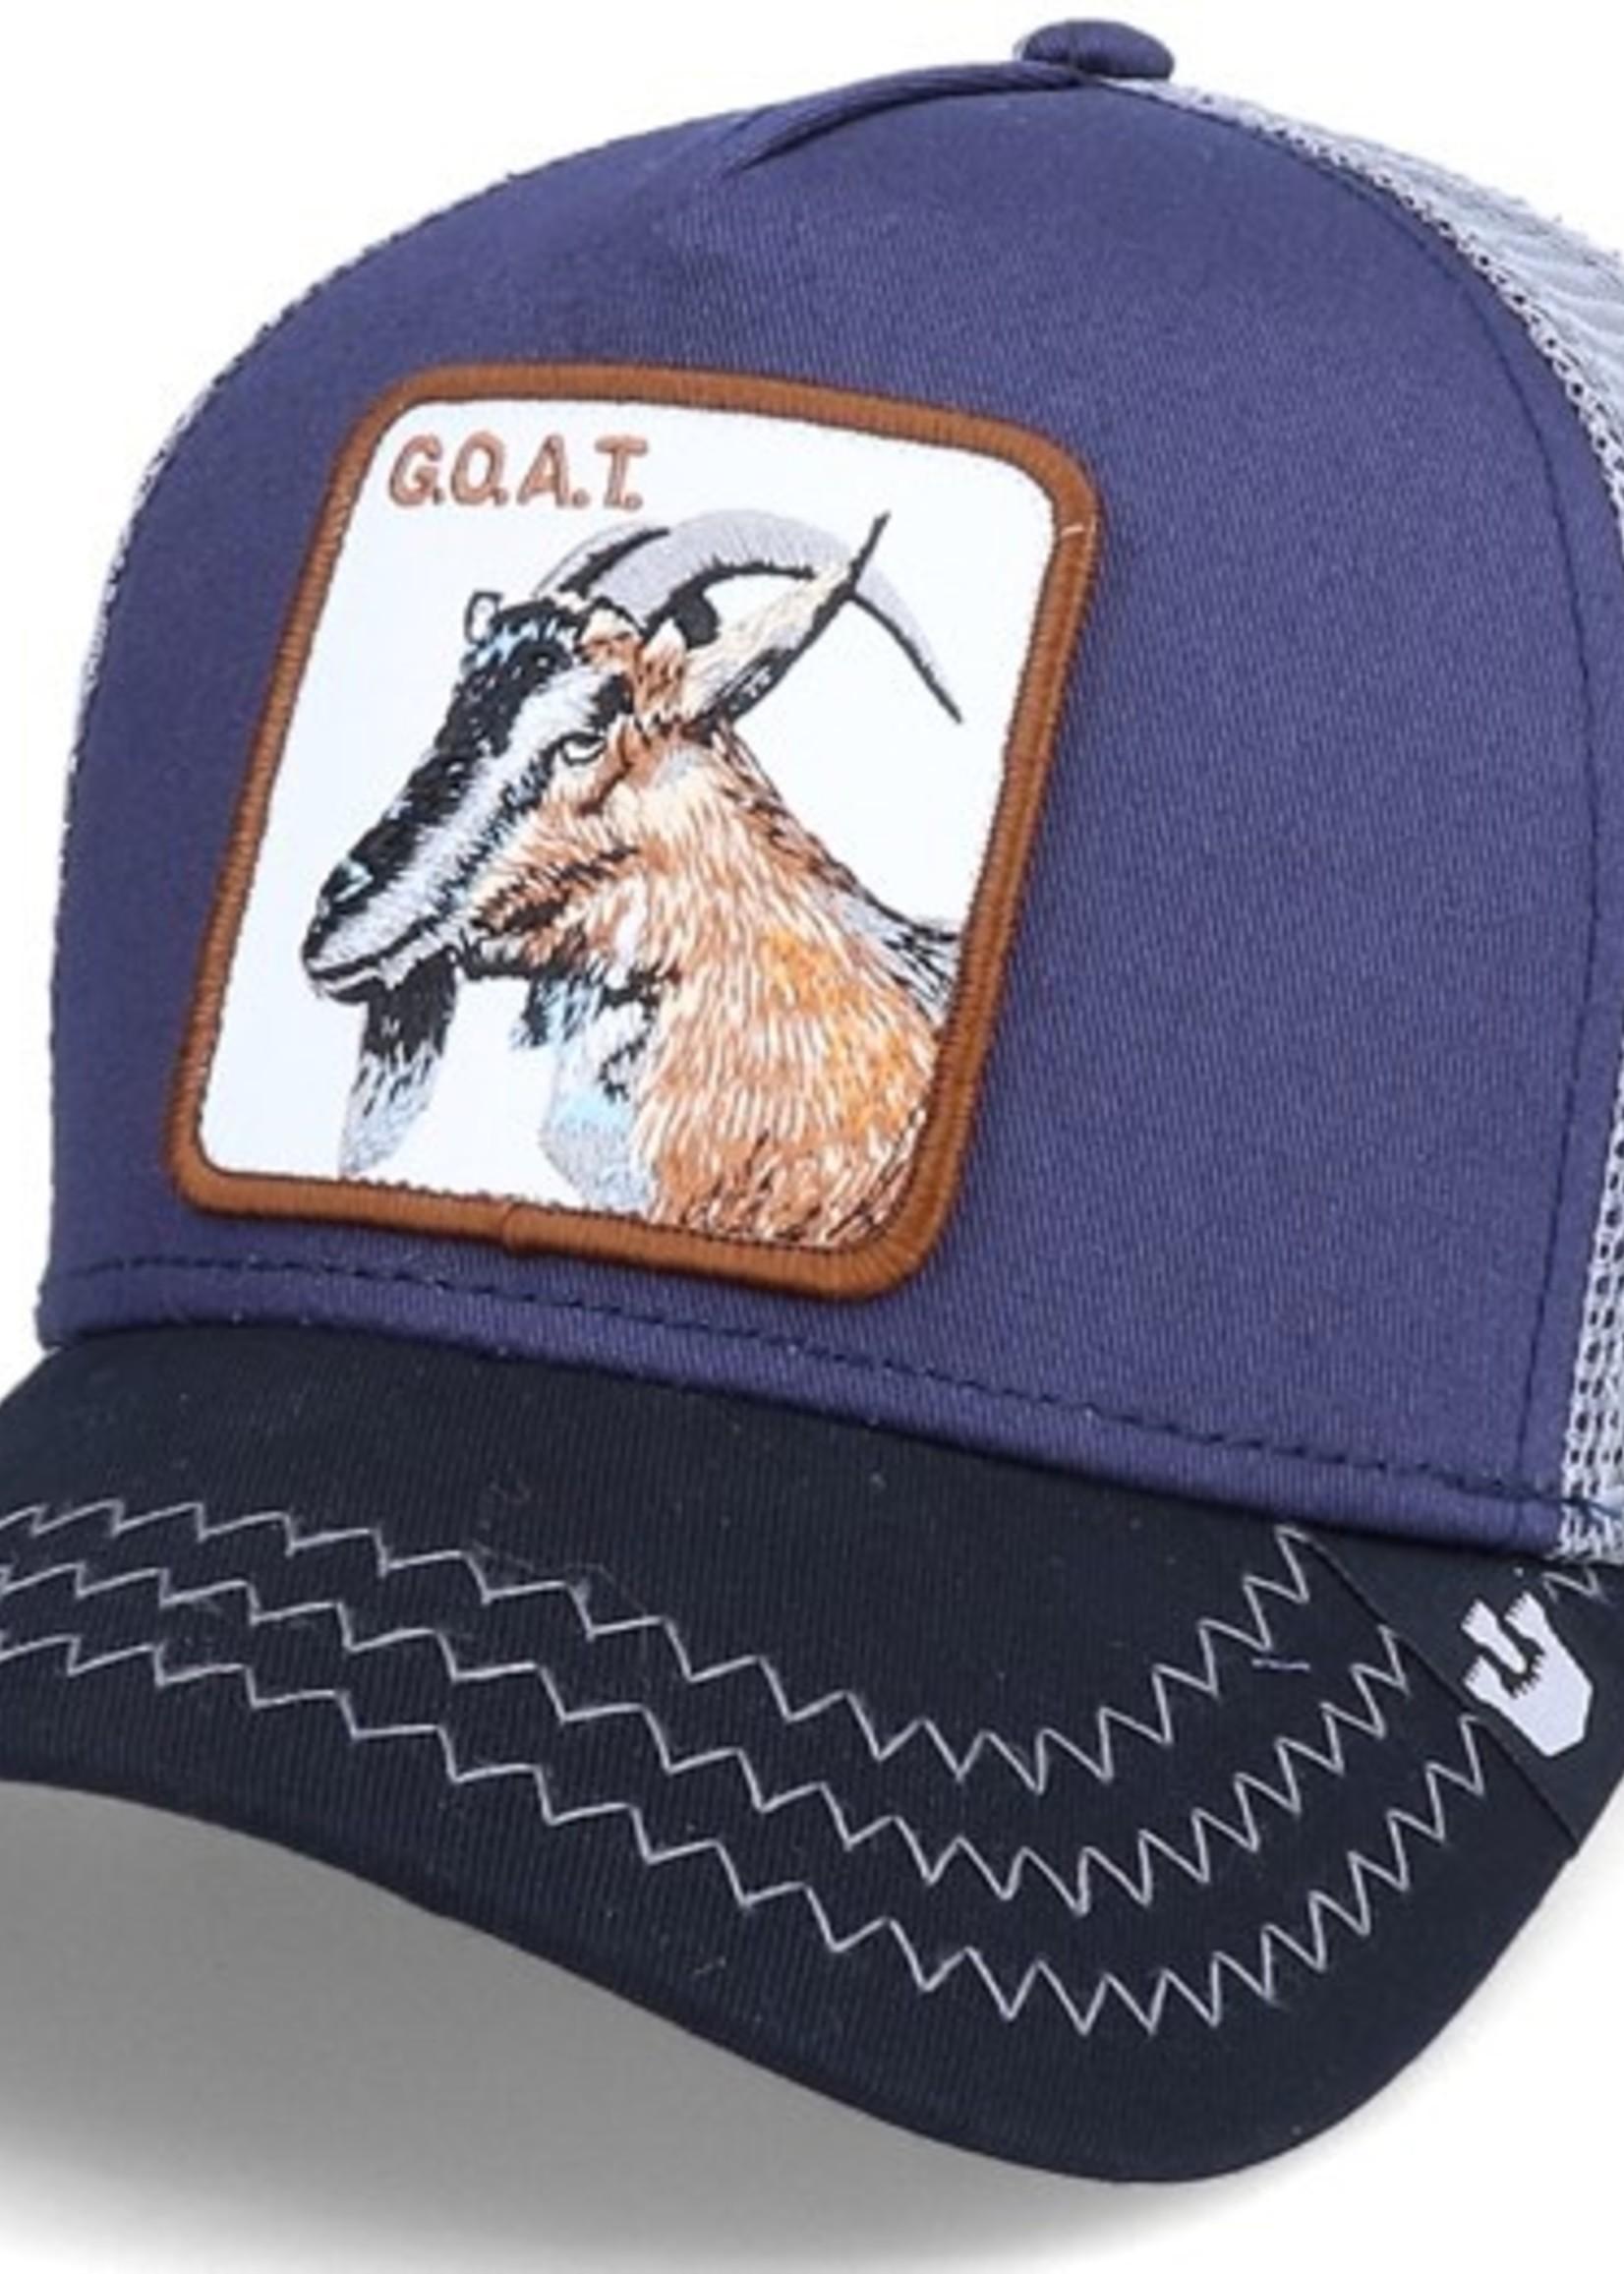 Goorin Bros G.O.A.T Cap